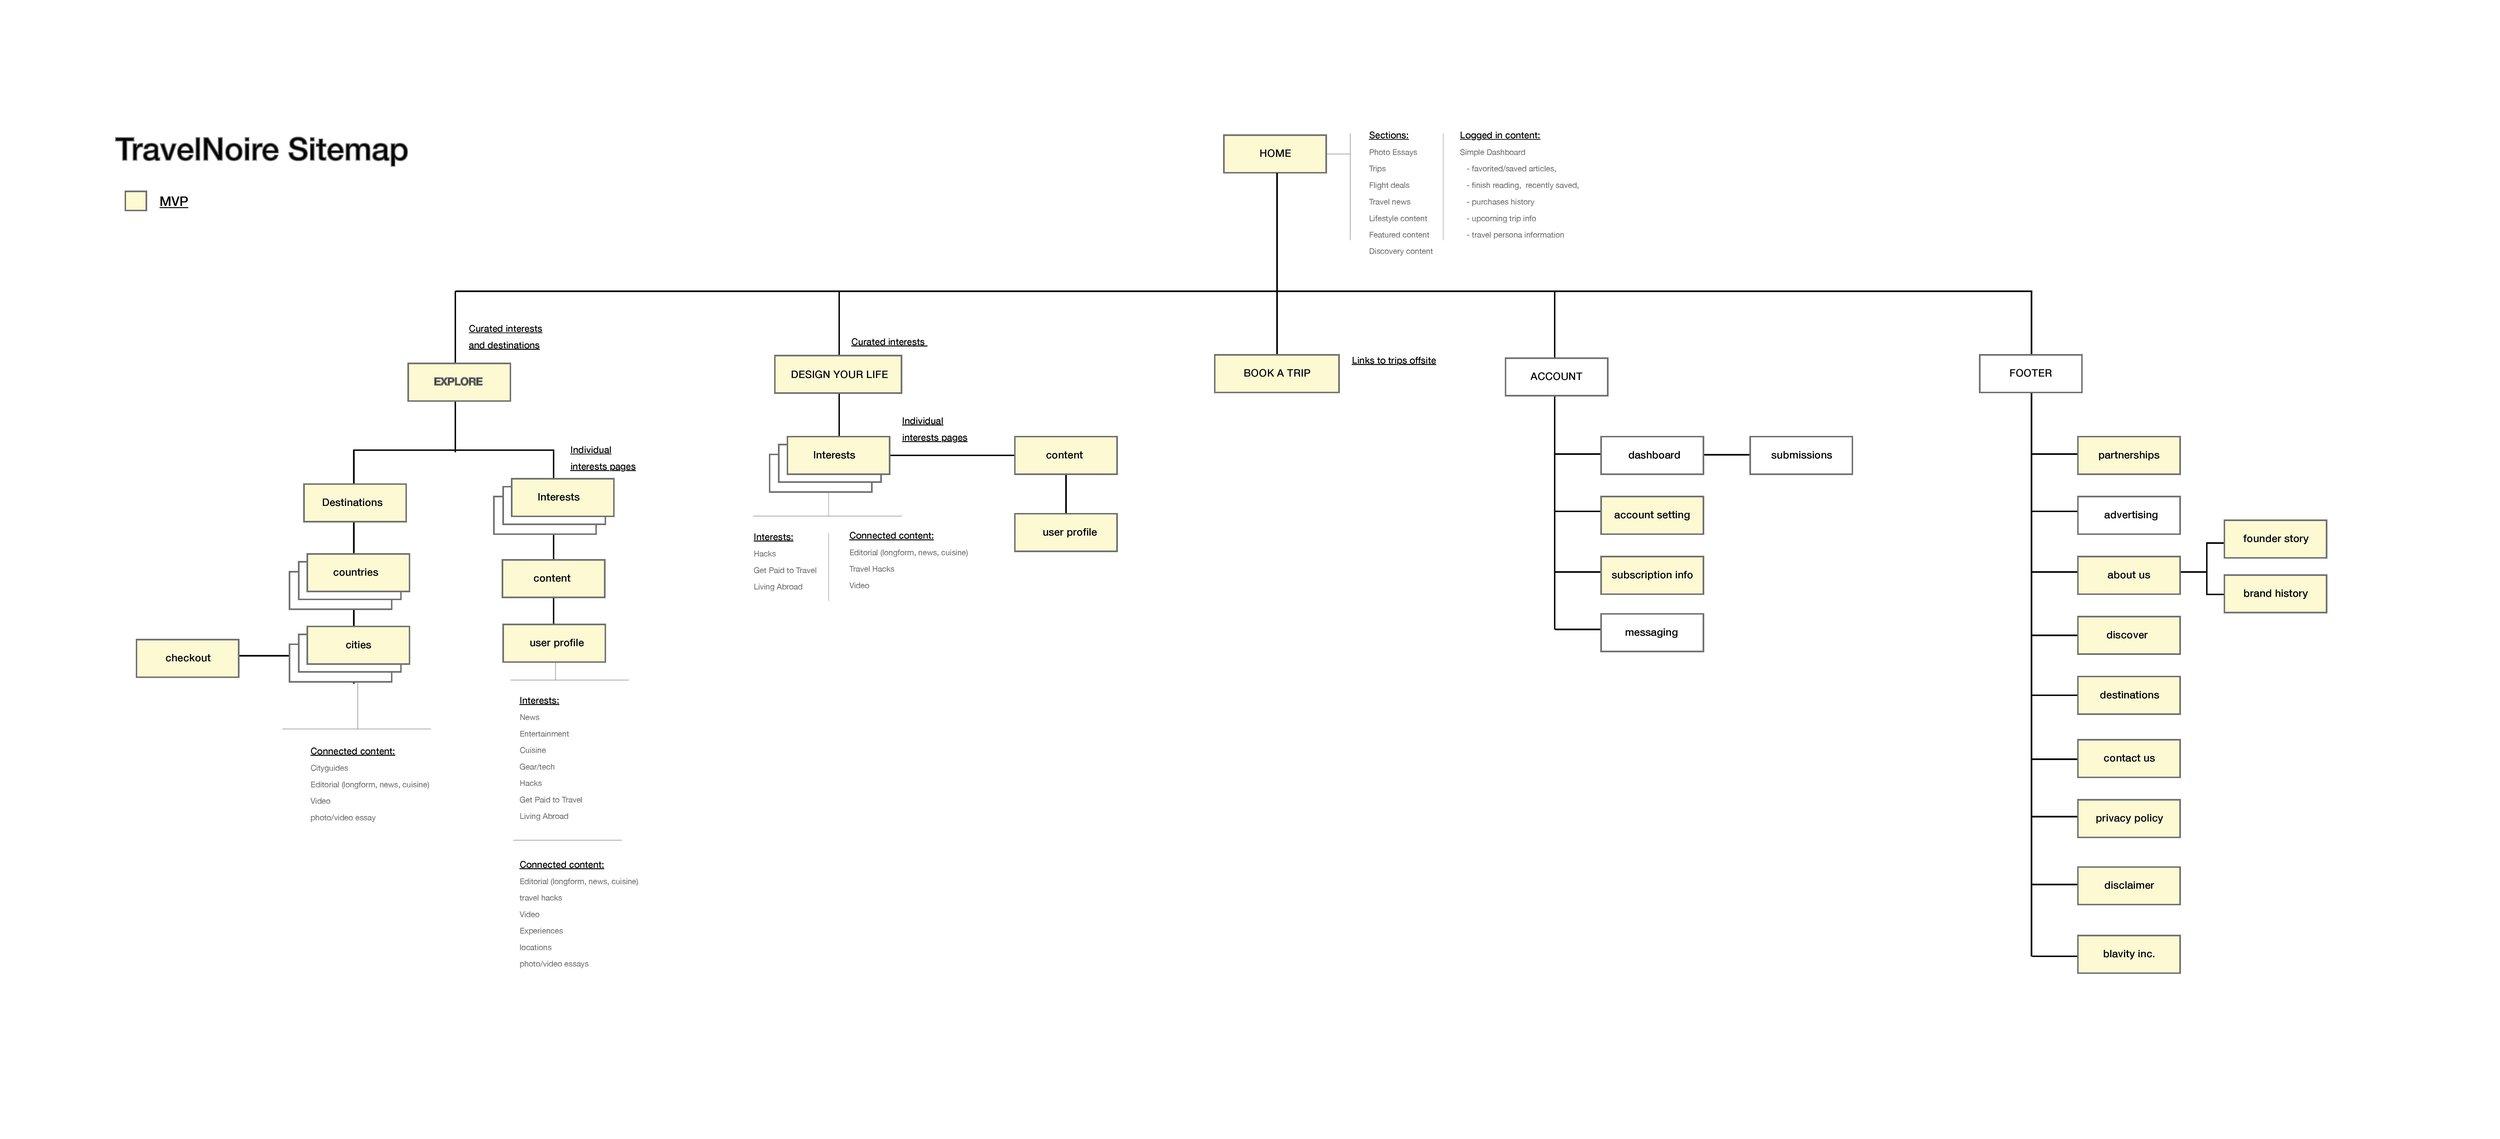 TN_sitemap_v4.jpg